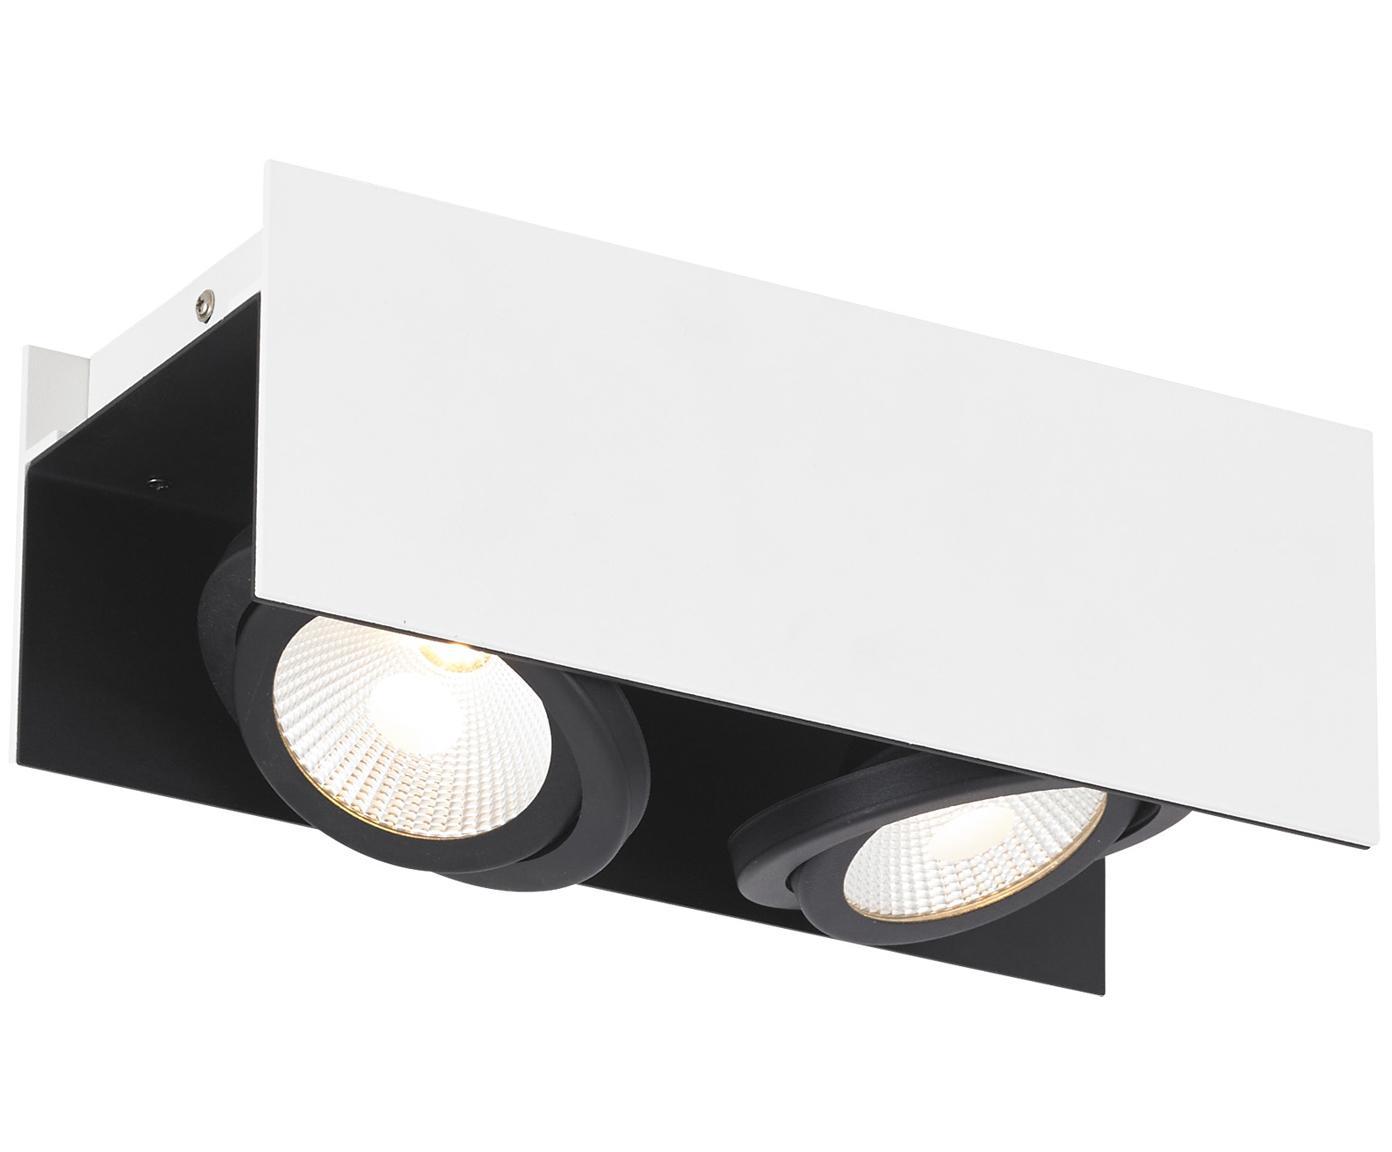 Riel LED Vidago, Cuerpo: acero pintado, Pantalla: aluminio recubierto, Blanco, negro, An 31 x Al 11 cm